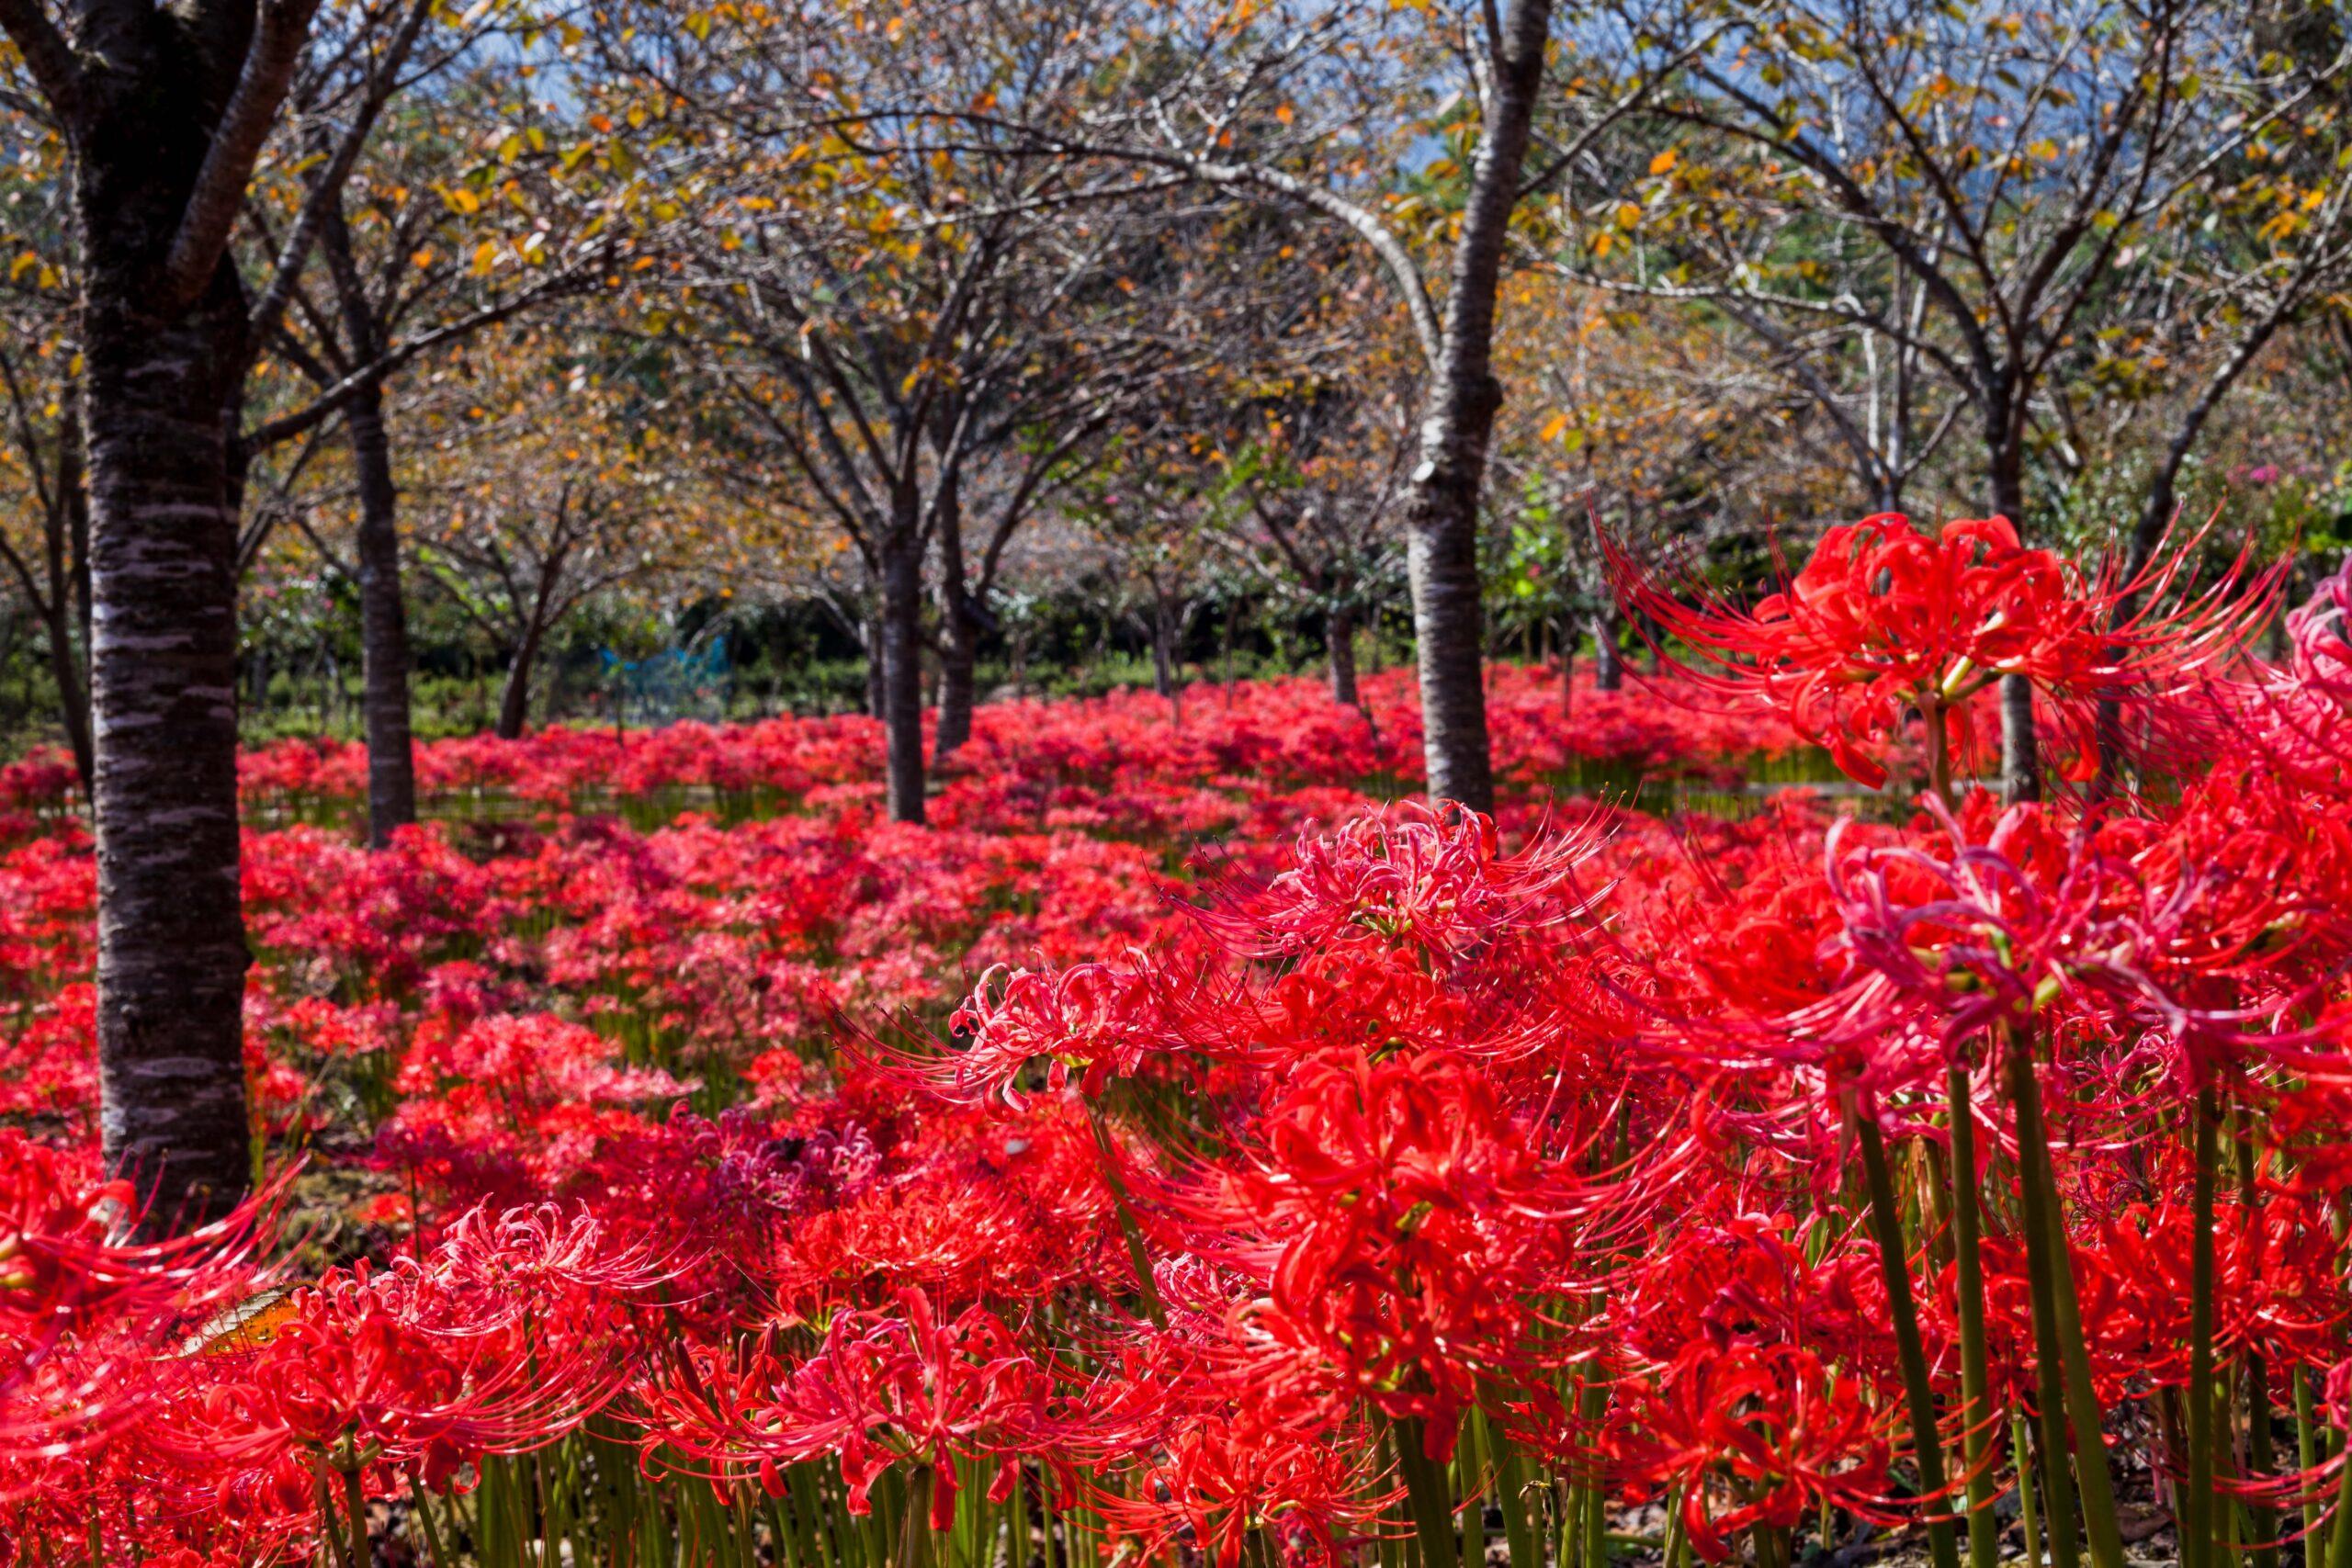 秩父『深山の花園』の彼岸花が凄かった!駐車場や見頃は?